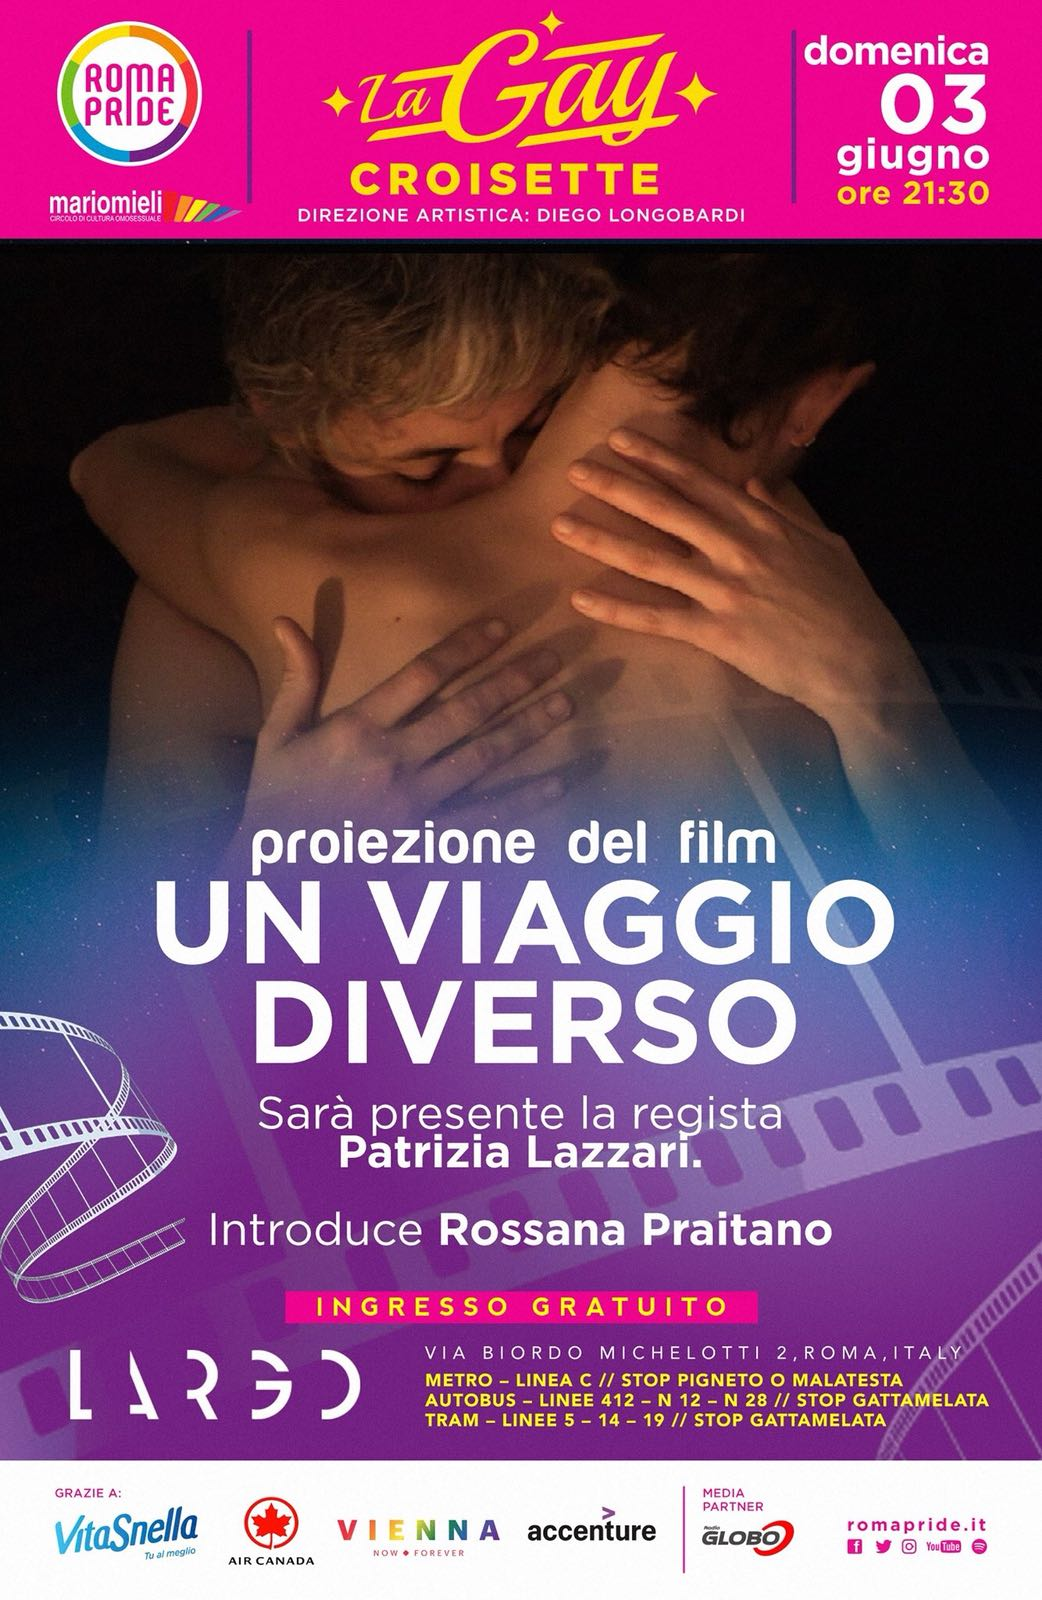 Gay Croisette - FILM - Un viaggio diverso